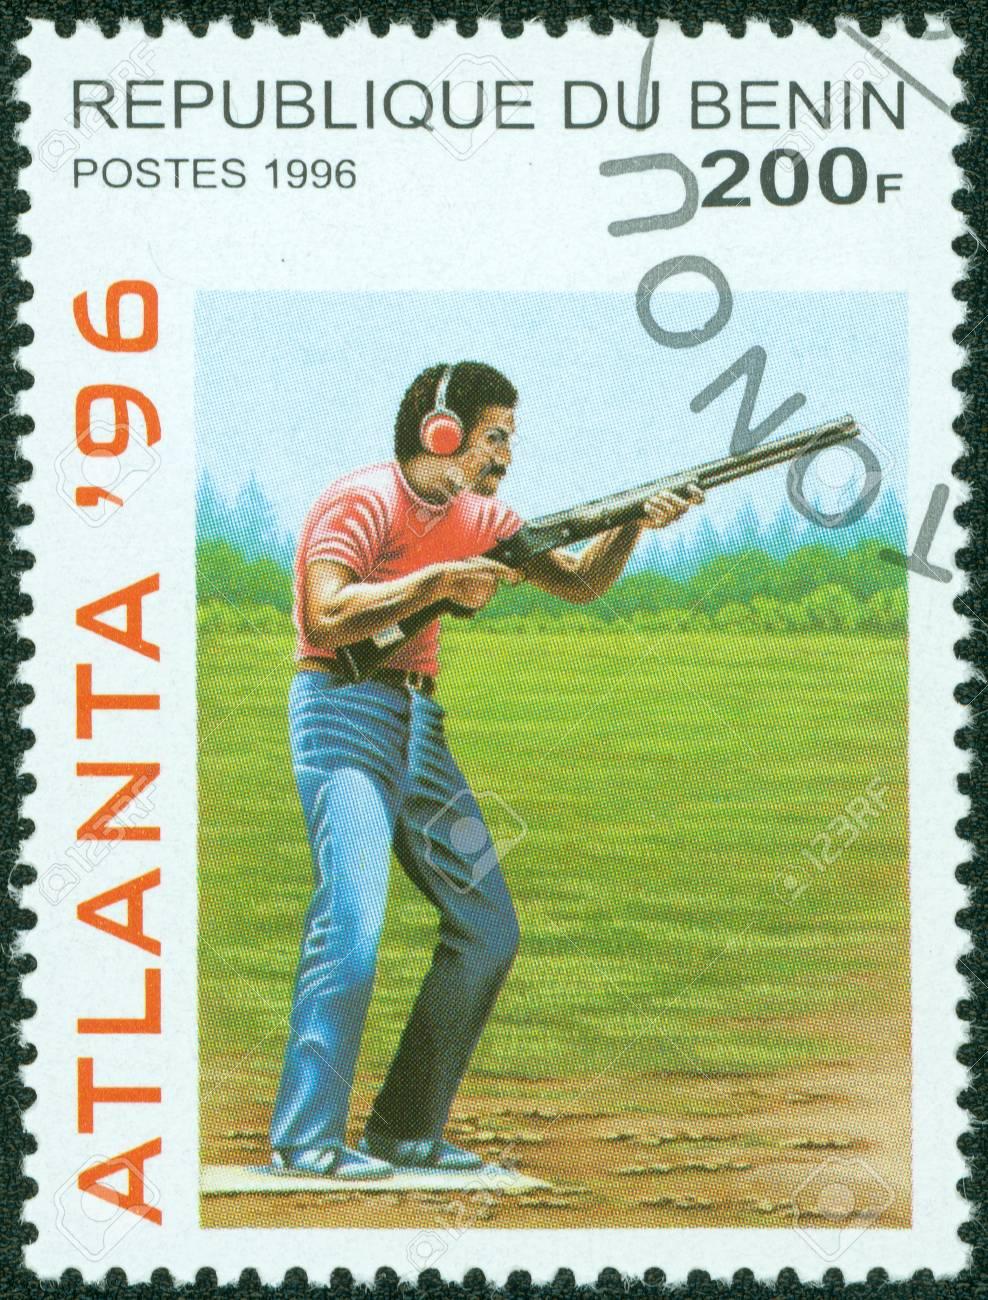 BENIN - CIRCA 1996  stamp printed by Benin, shows athlete Skeet shooting , circa 1996 Stock Photo - 13975837